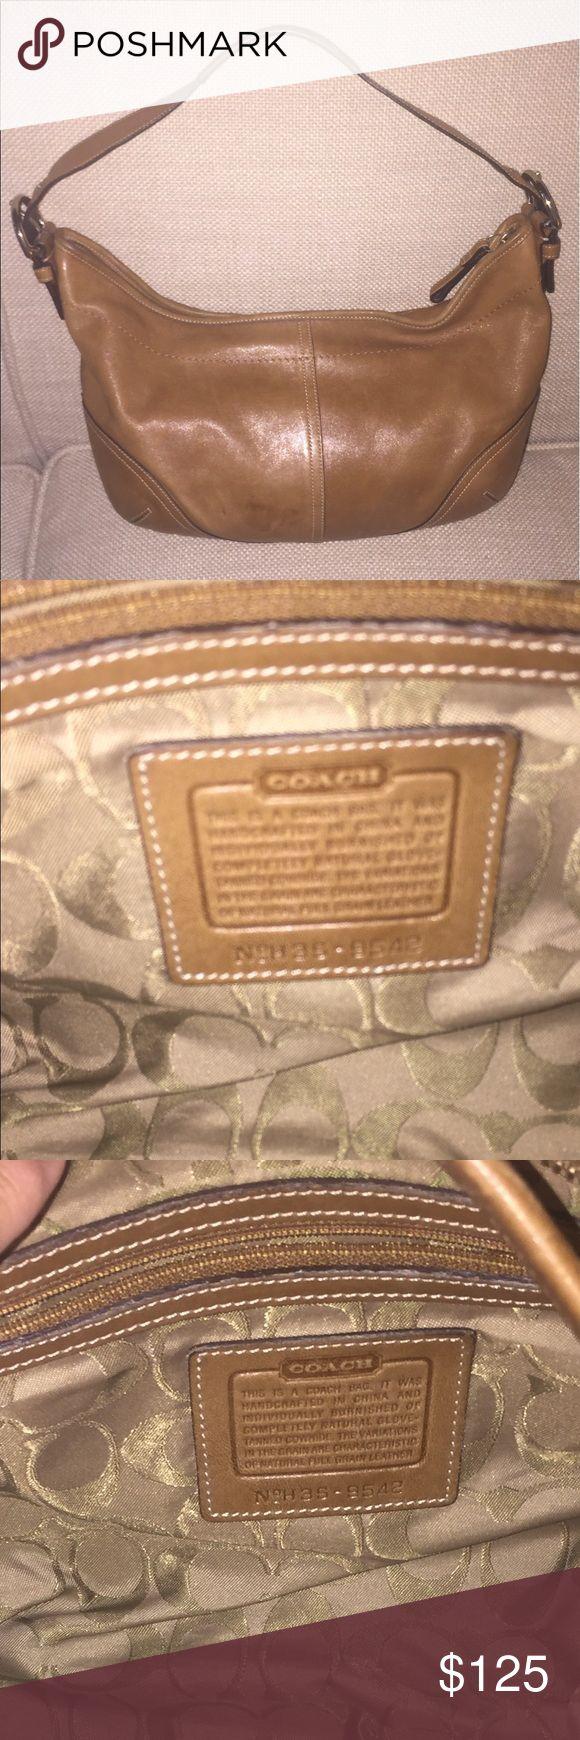 Coach Handbag! Looks New! Coach Handbag!! Looks New! Excellent buy! Coach Bags Shoulder Bags